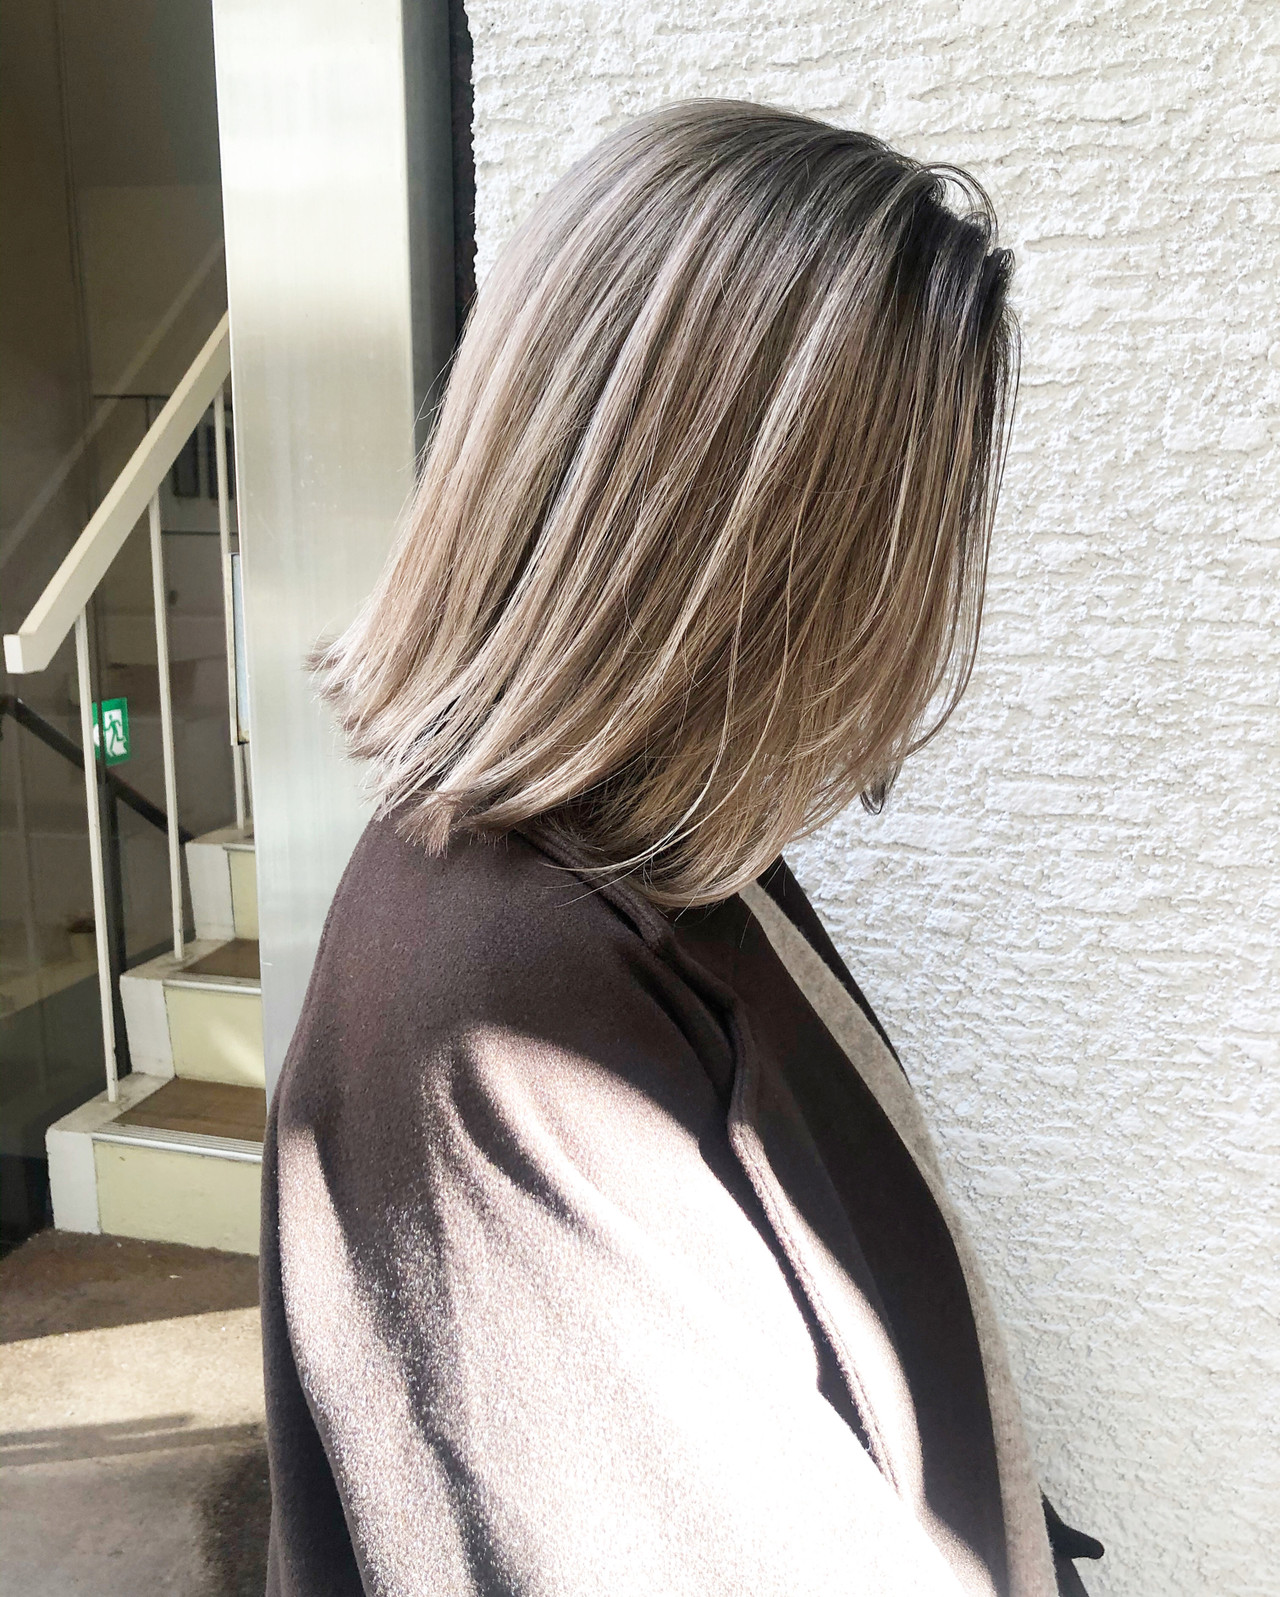 コントラストハイライト ホワイトベージュ ミディアム ブロンドカラー ヘアスタイルや髪型の写真・画像